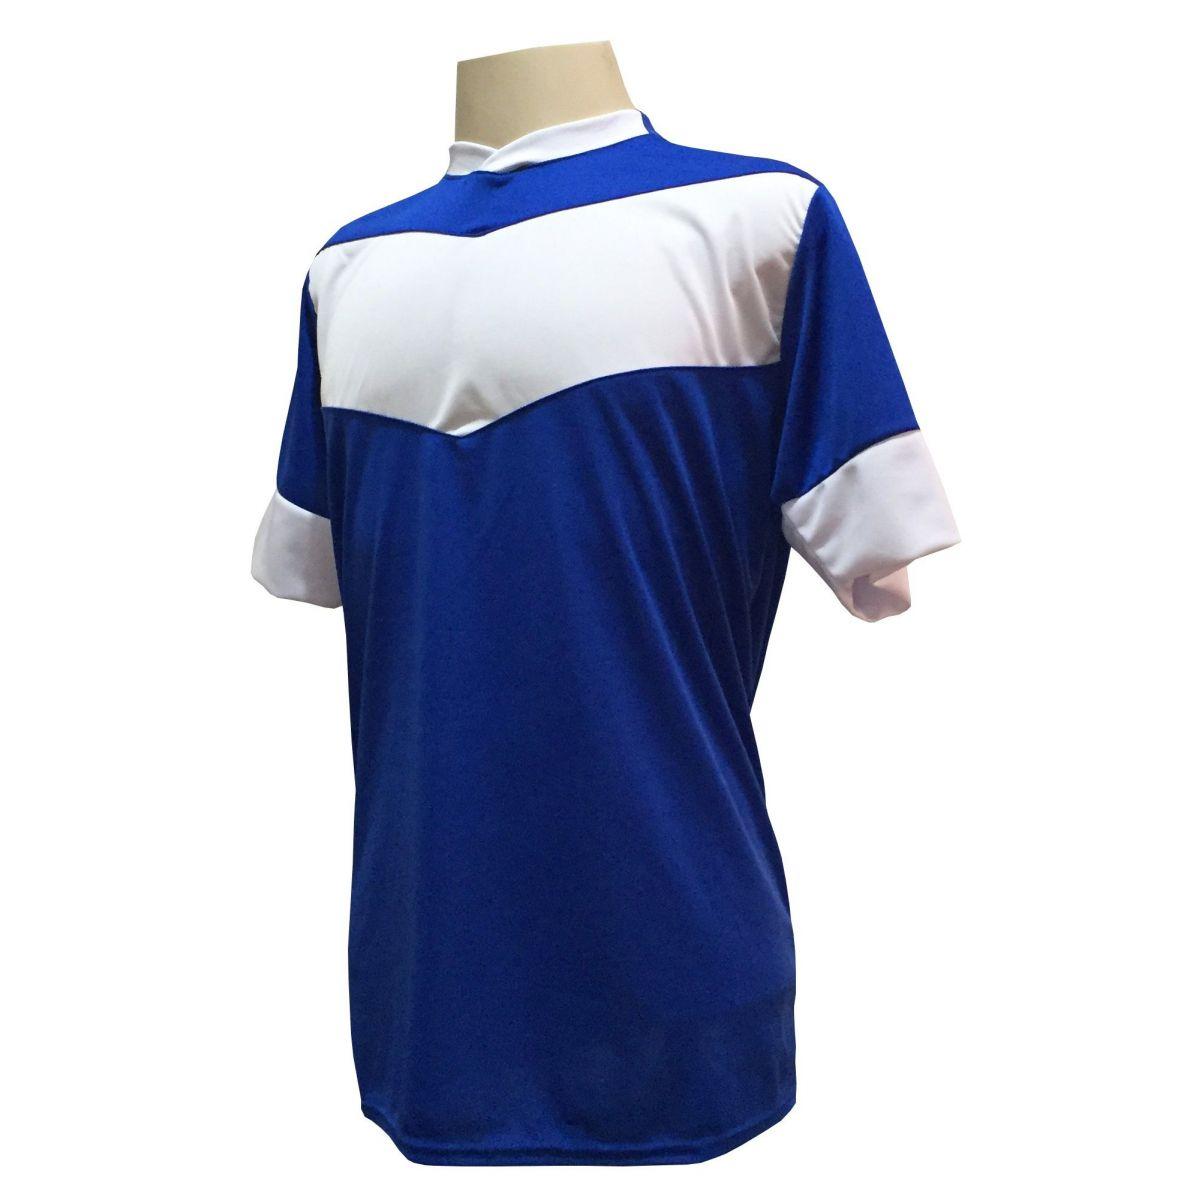 Uniforme Esportivo com 18 camisas modelo Columbus Royal/Branco + 18 calções modelo Madrid Branco + Brindes